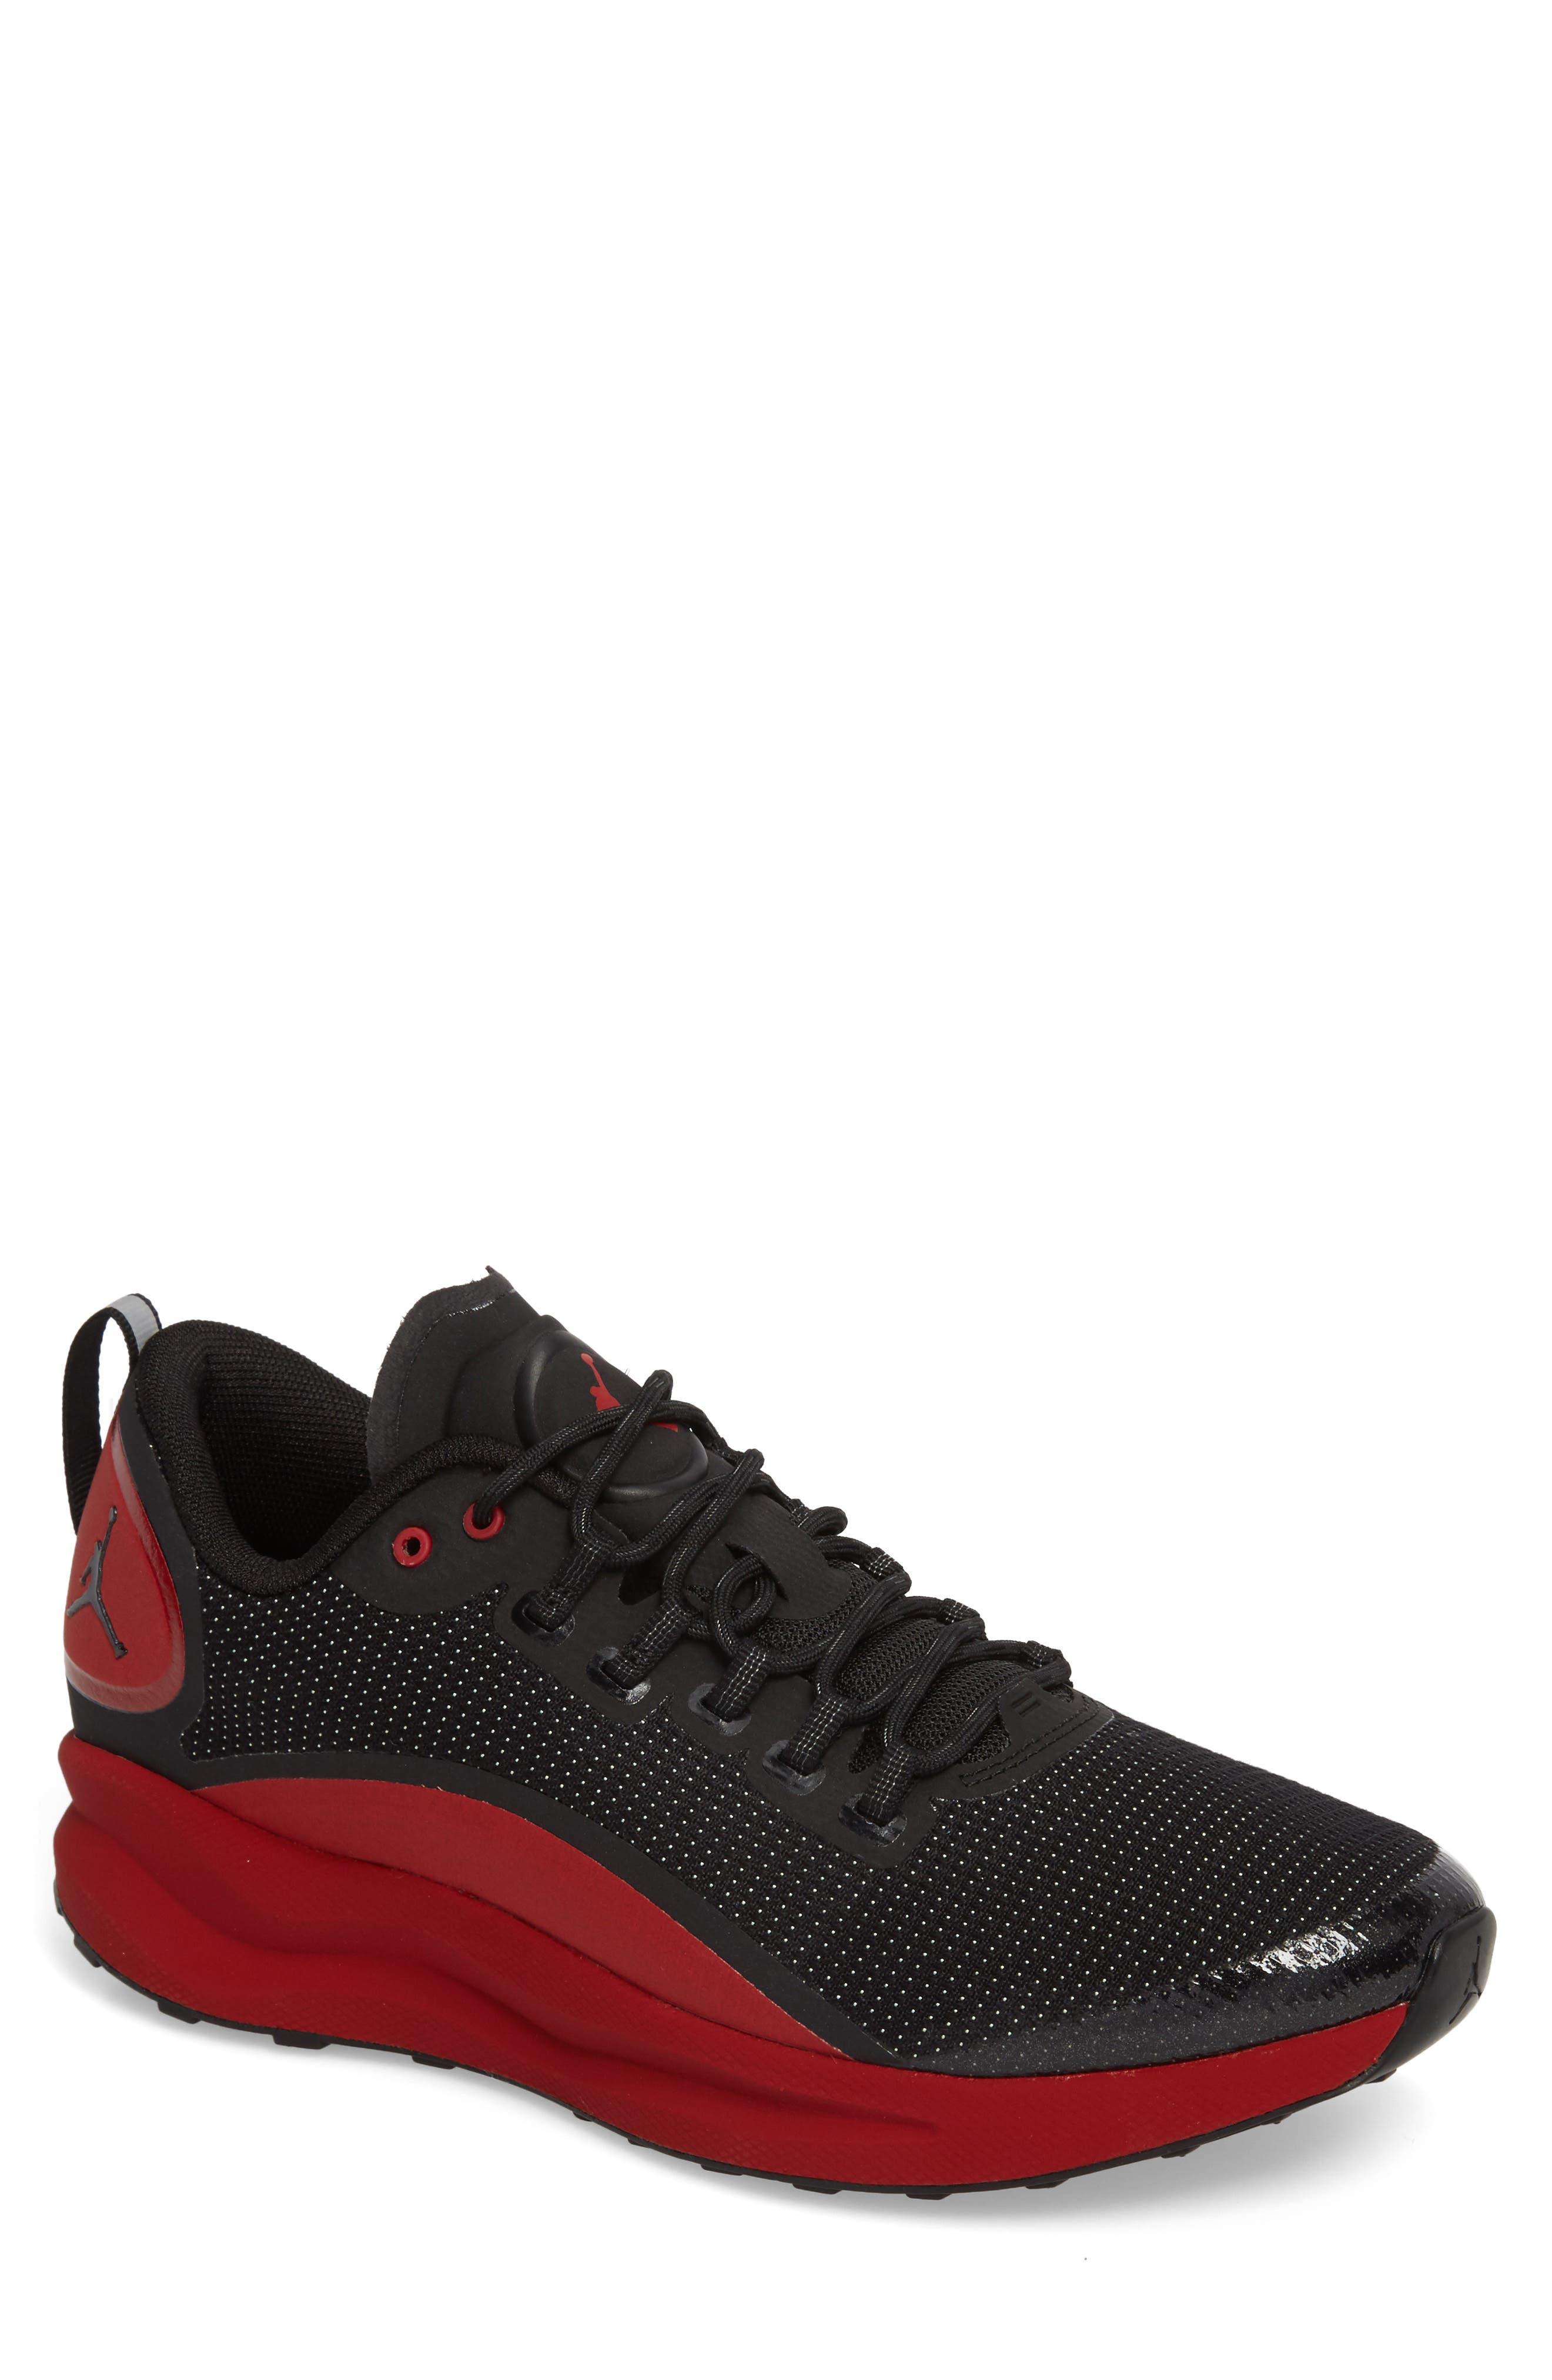 Jordan Zoom Tenacity Running Shoe,                         Main,                         color, 001